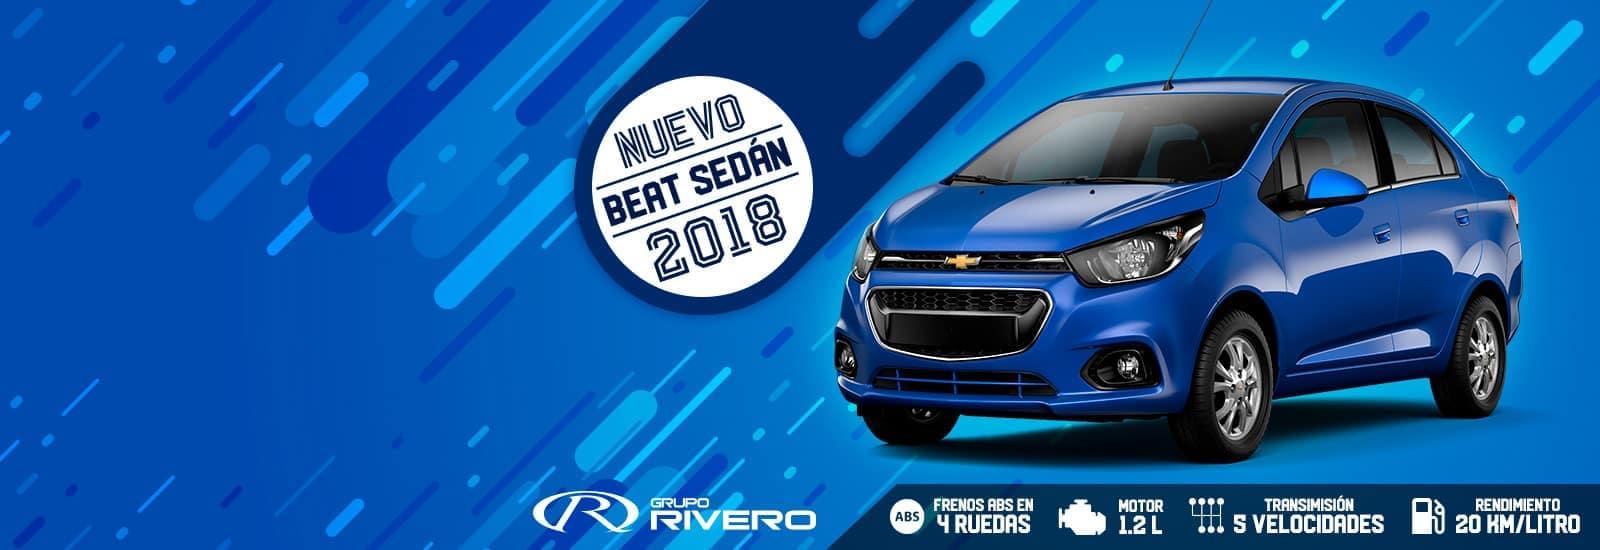 nuevo-beat-sedan-2018-en-monterrey